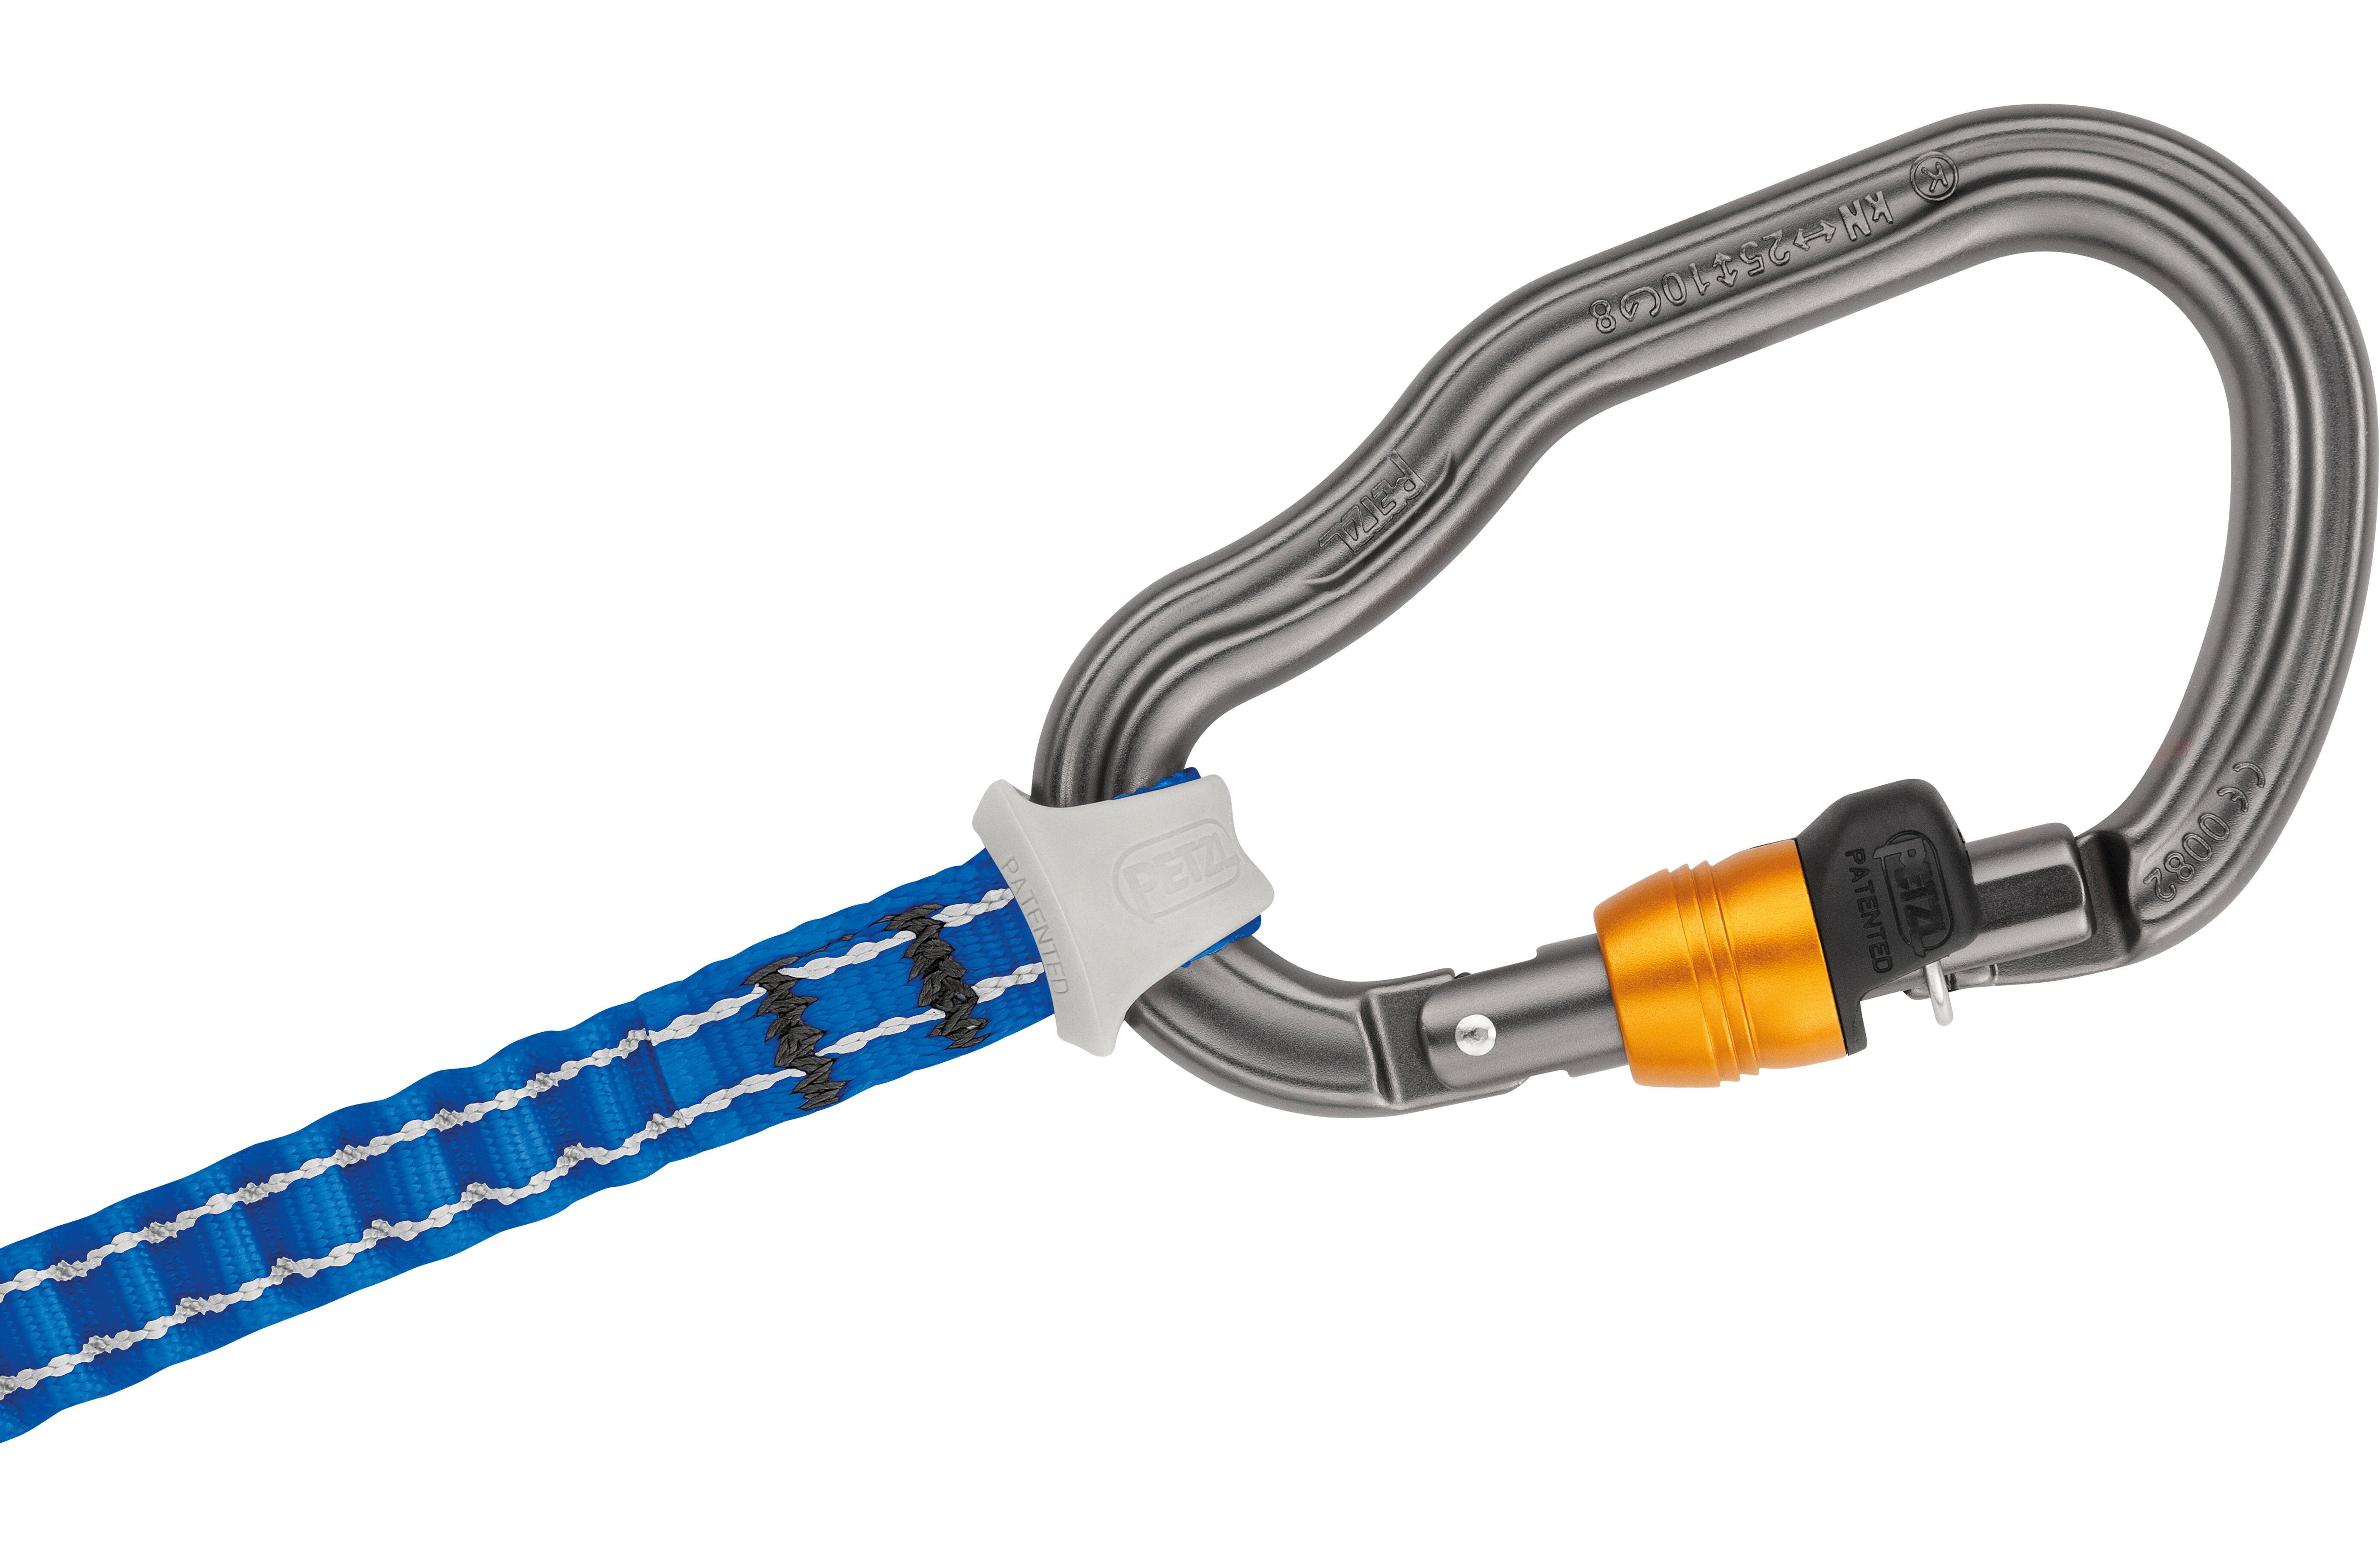 Klettersteigset Hydra : Petzl scorpio vertigo klettersteigset ohne swivel campz.ch